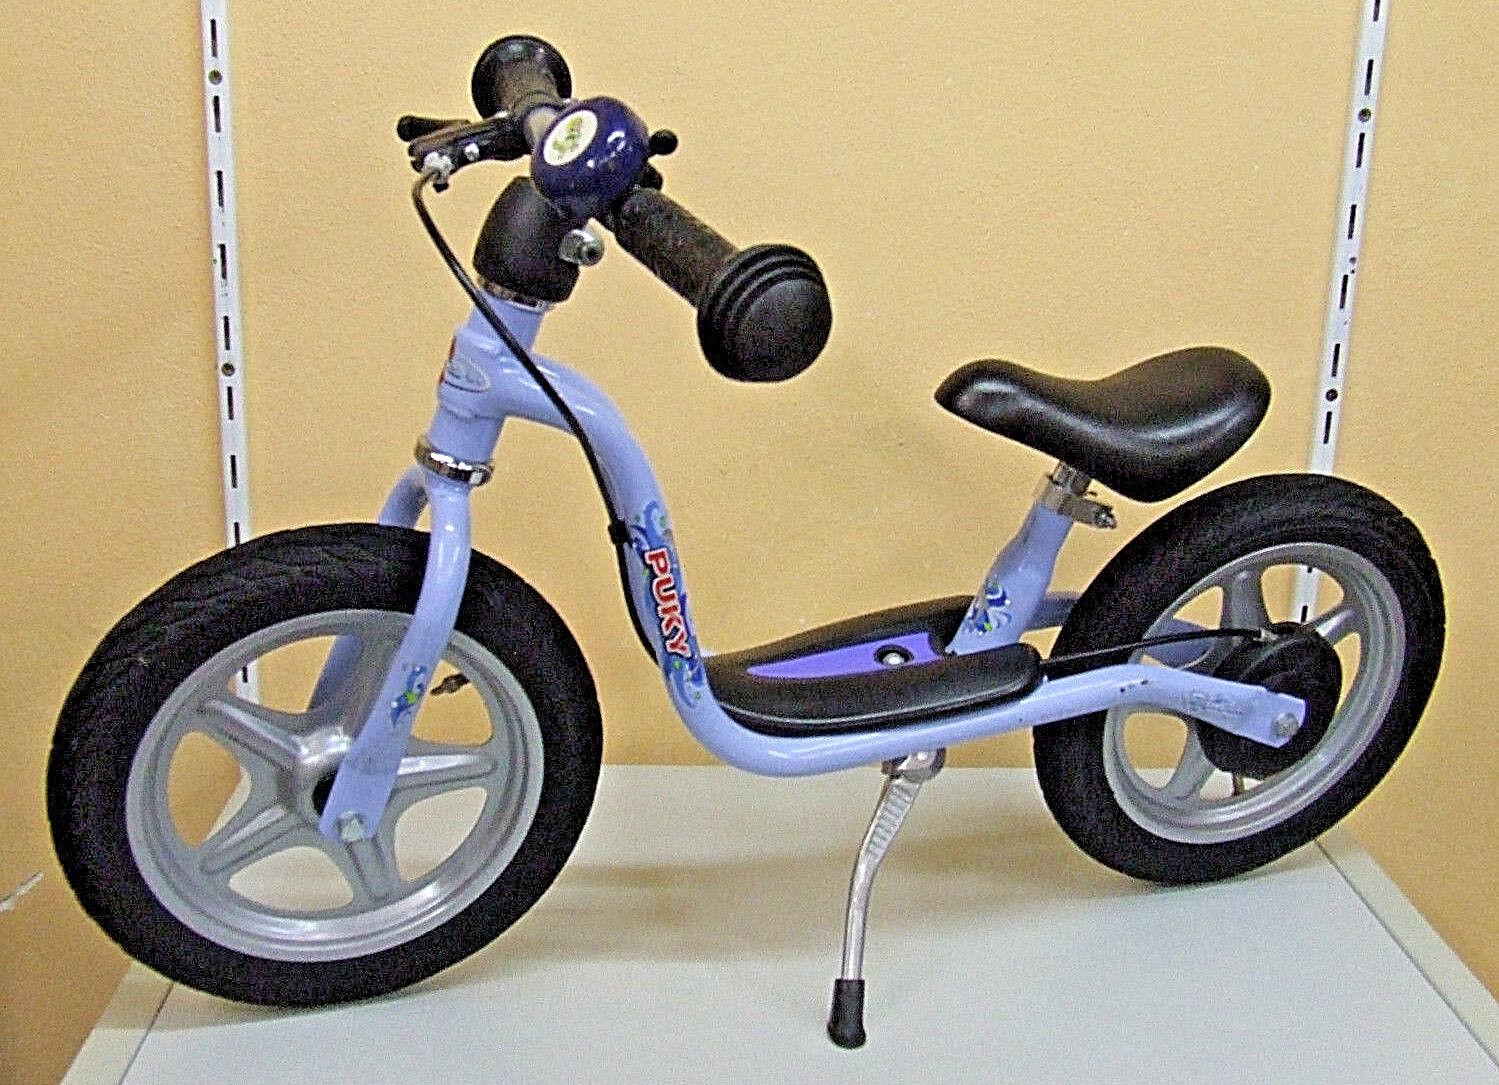 Ab 3 Jahre Puky LR 1L Br Laufrad gebraucht Bremse blau Seitenständer Lufträder